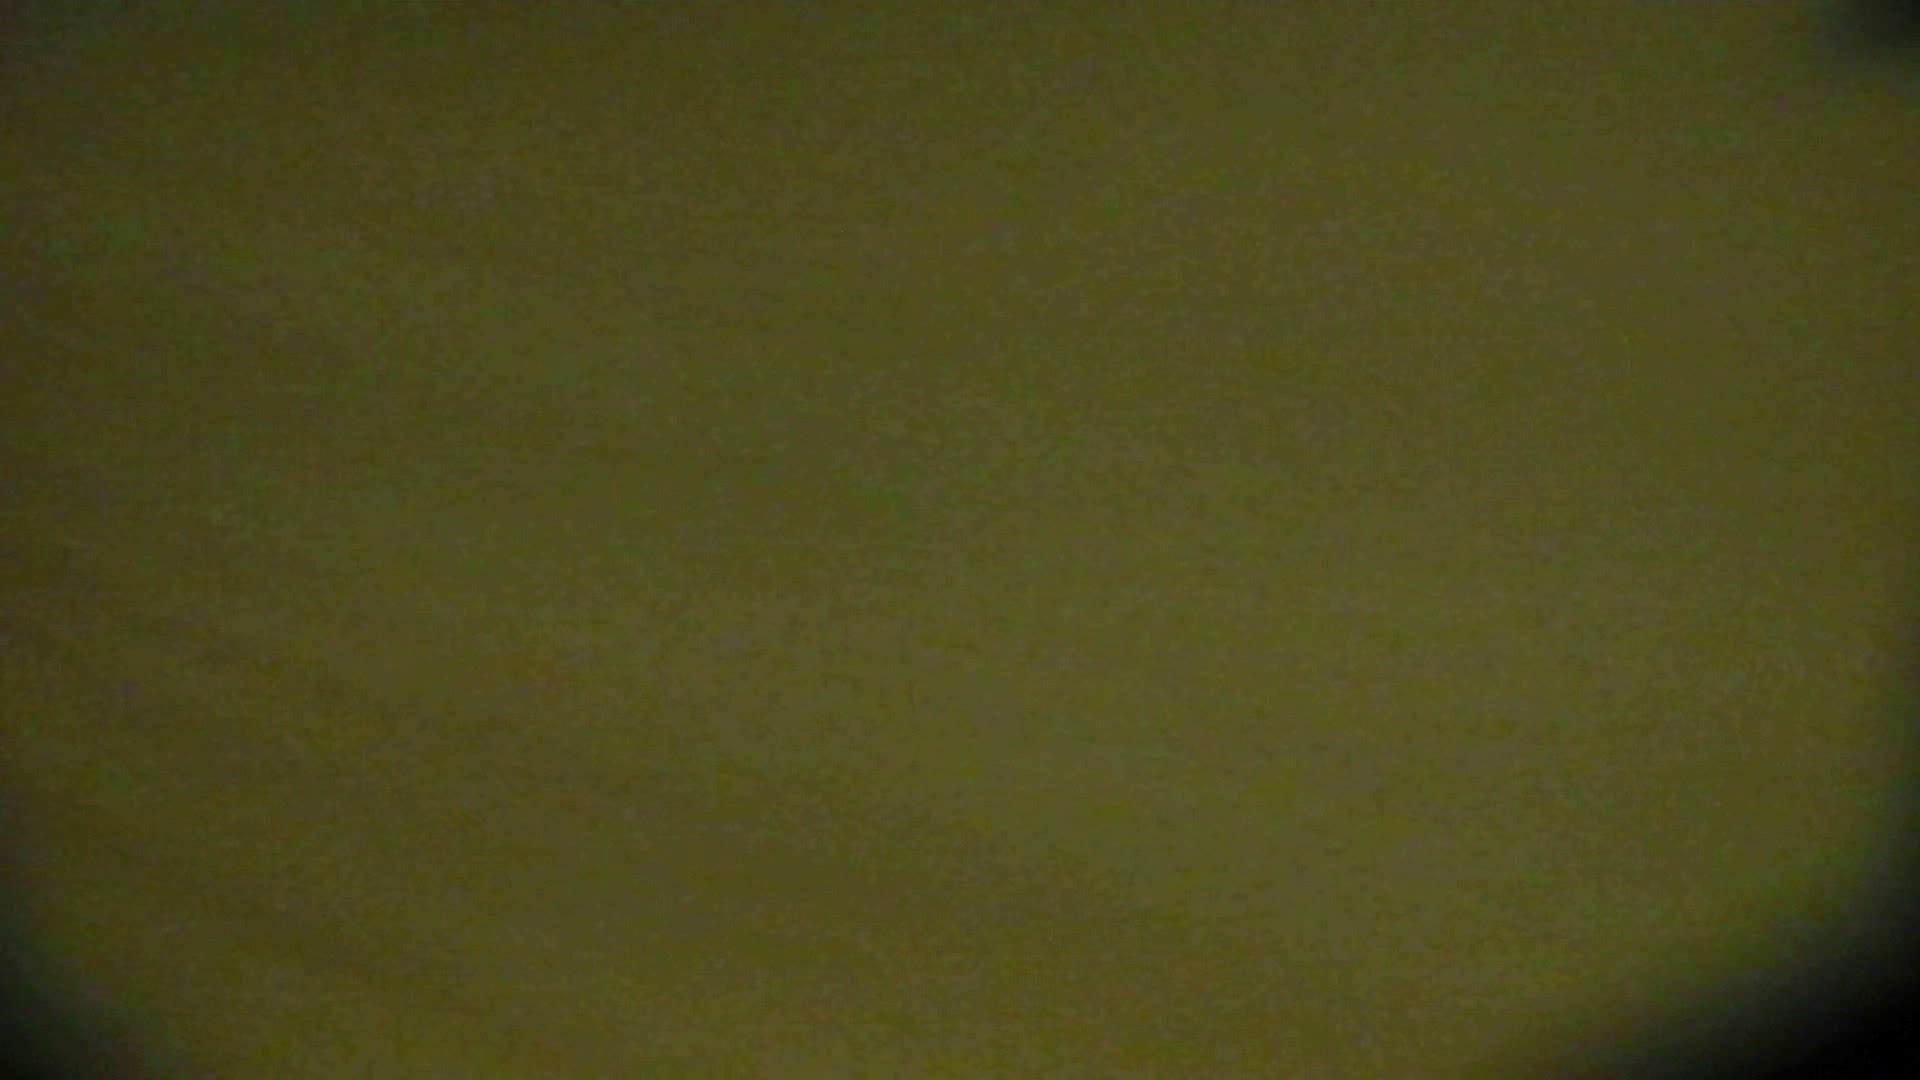 阿国ちゃんの「和式洋式七変化」No.12 和式 | 洗面所着替え  101連発 70